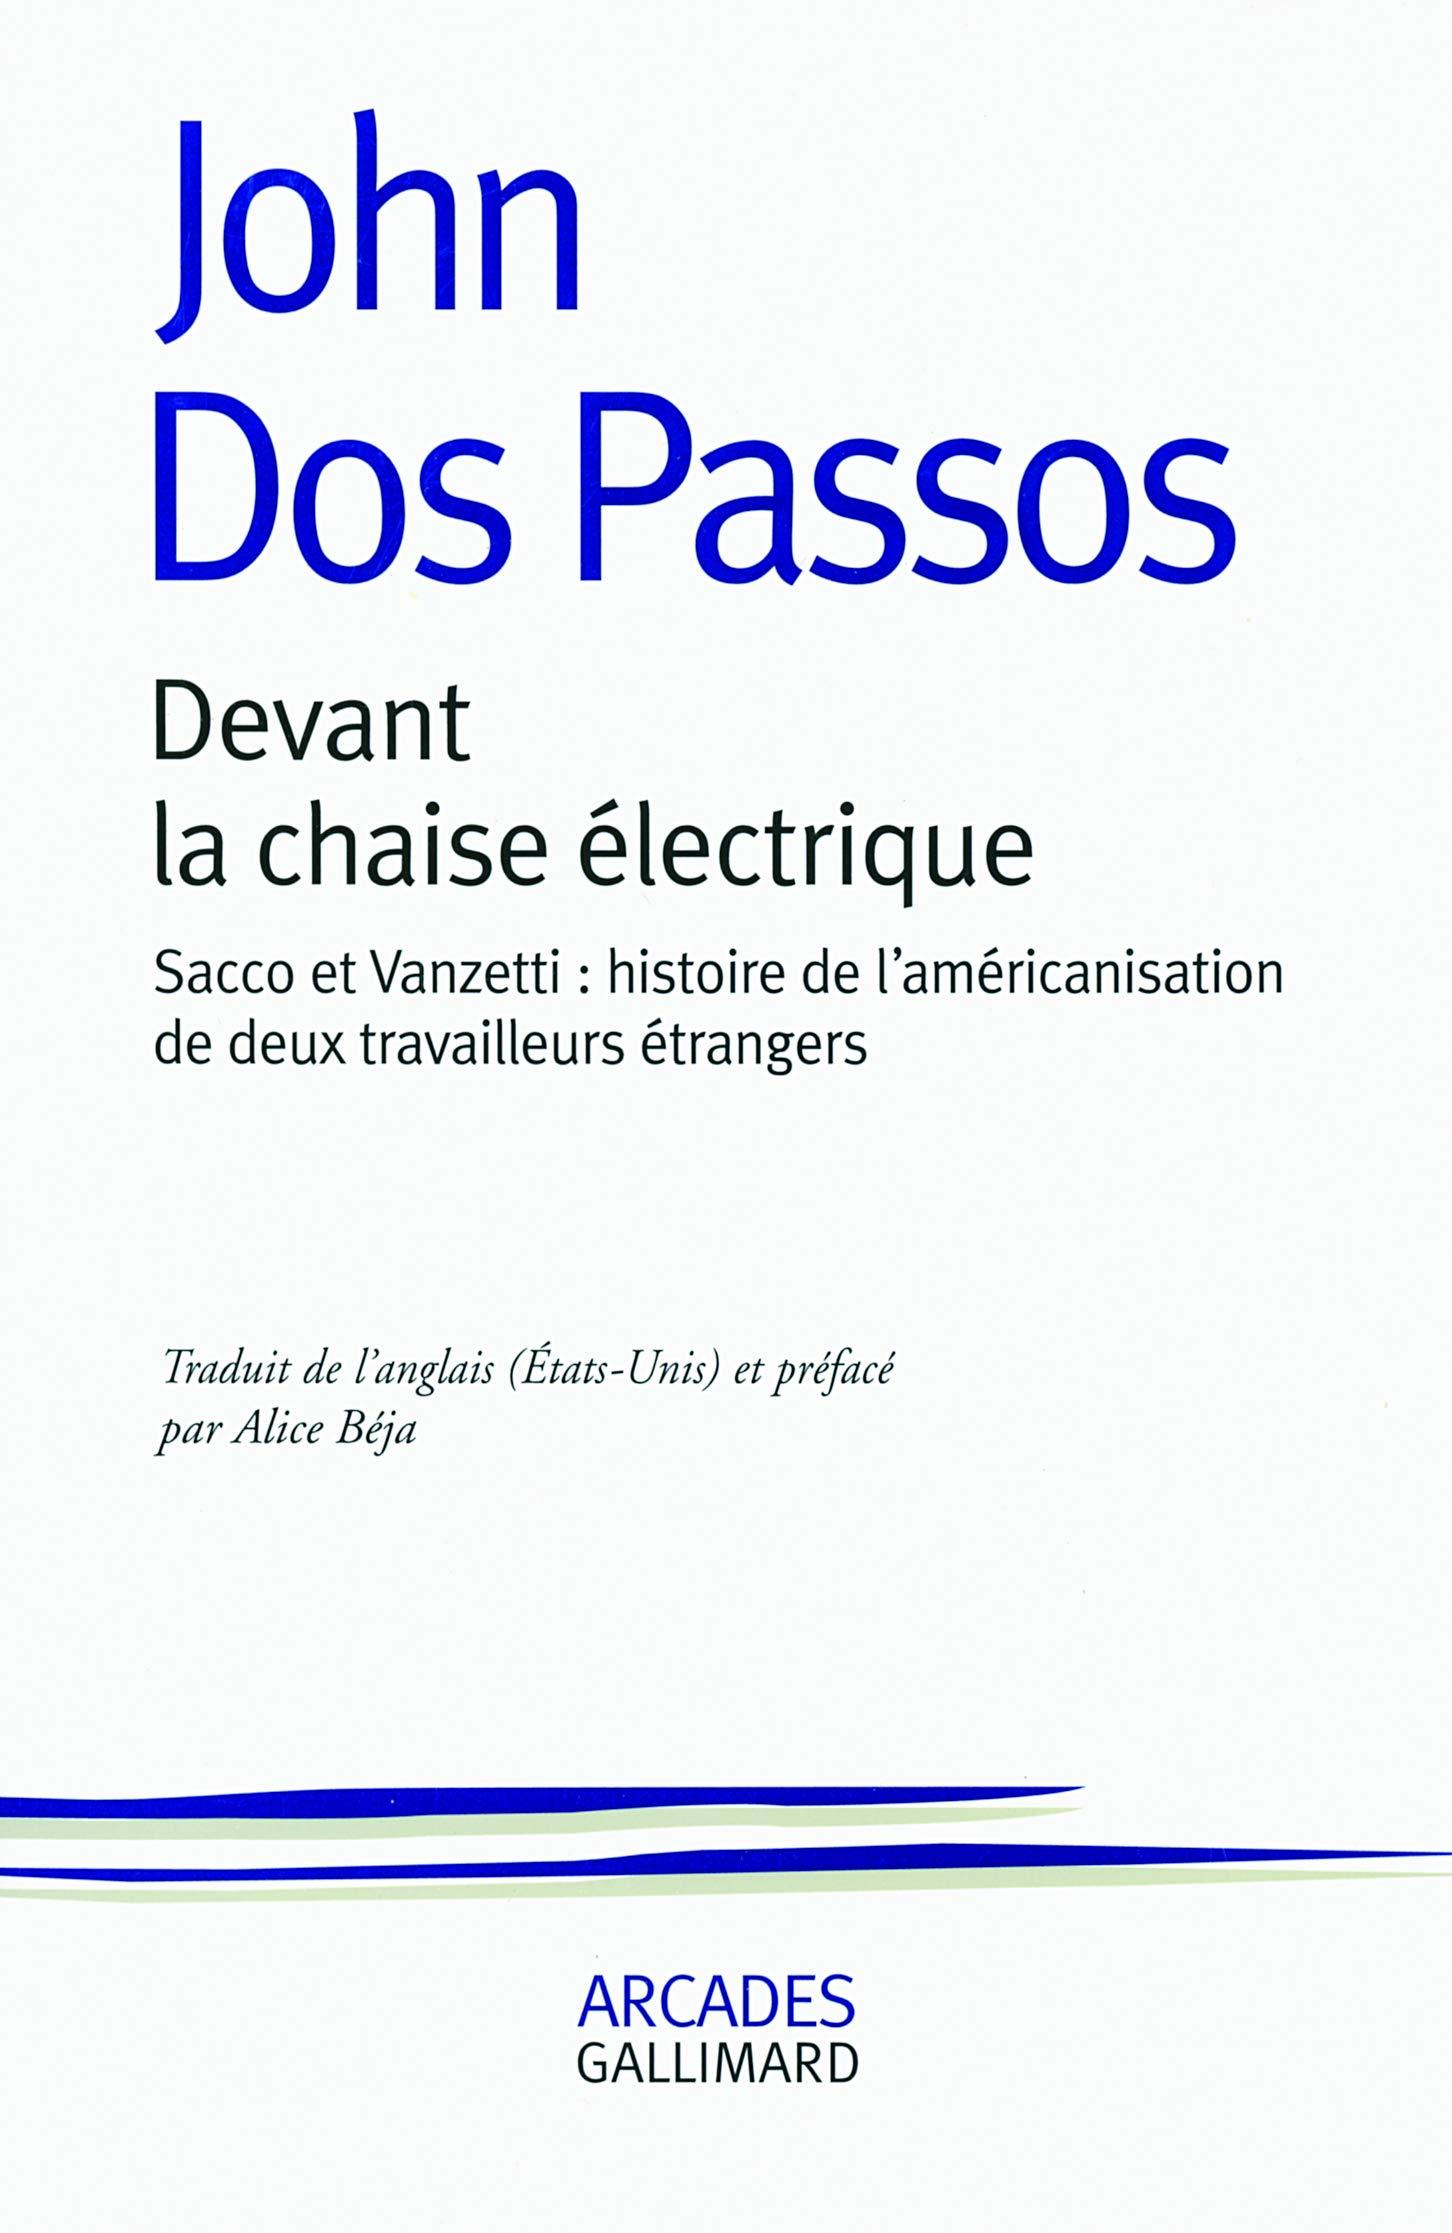 Amazon.fr - Devant la chaise électrique: Sacco et Vanzetti